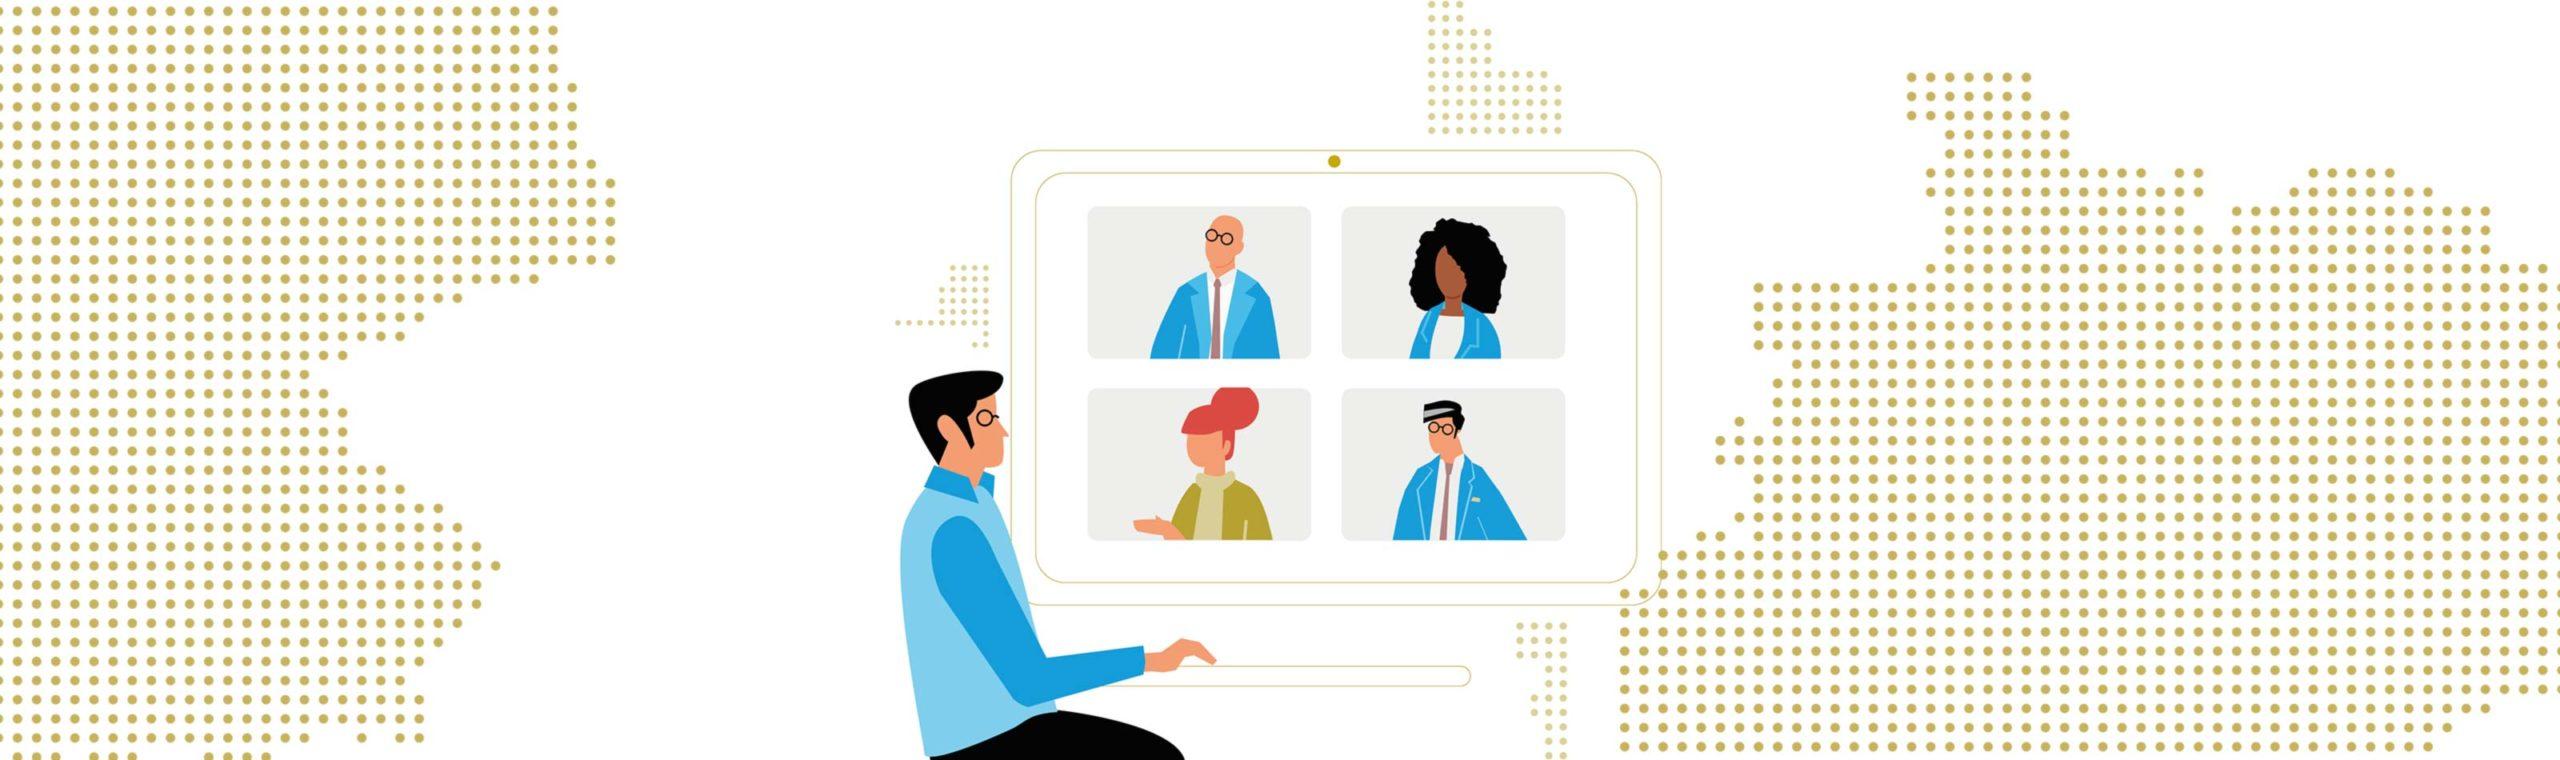 Tipps für entspannte und erfolgreiche Videokonferenzen